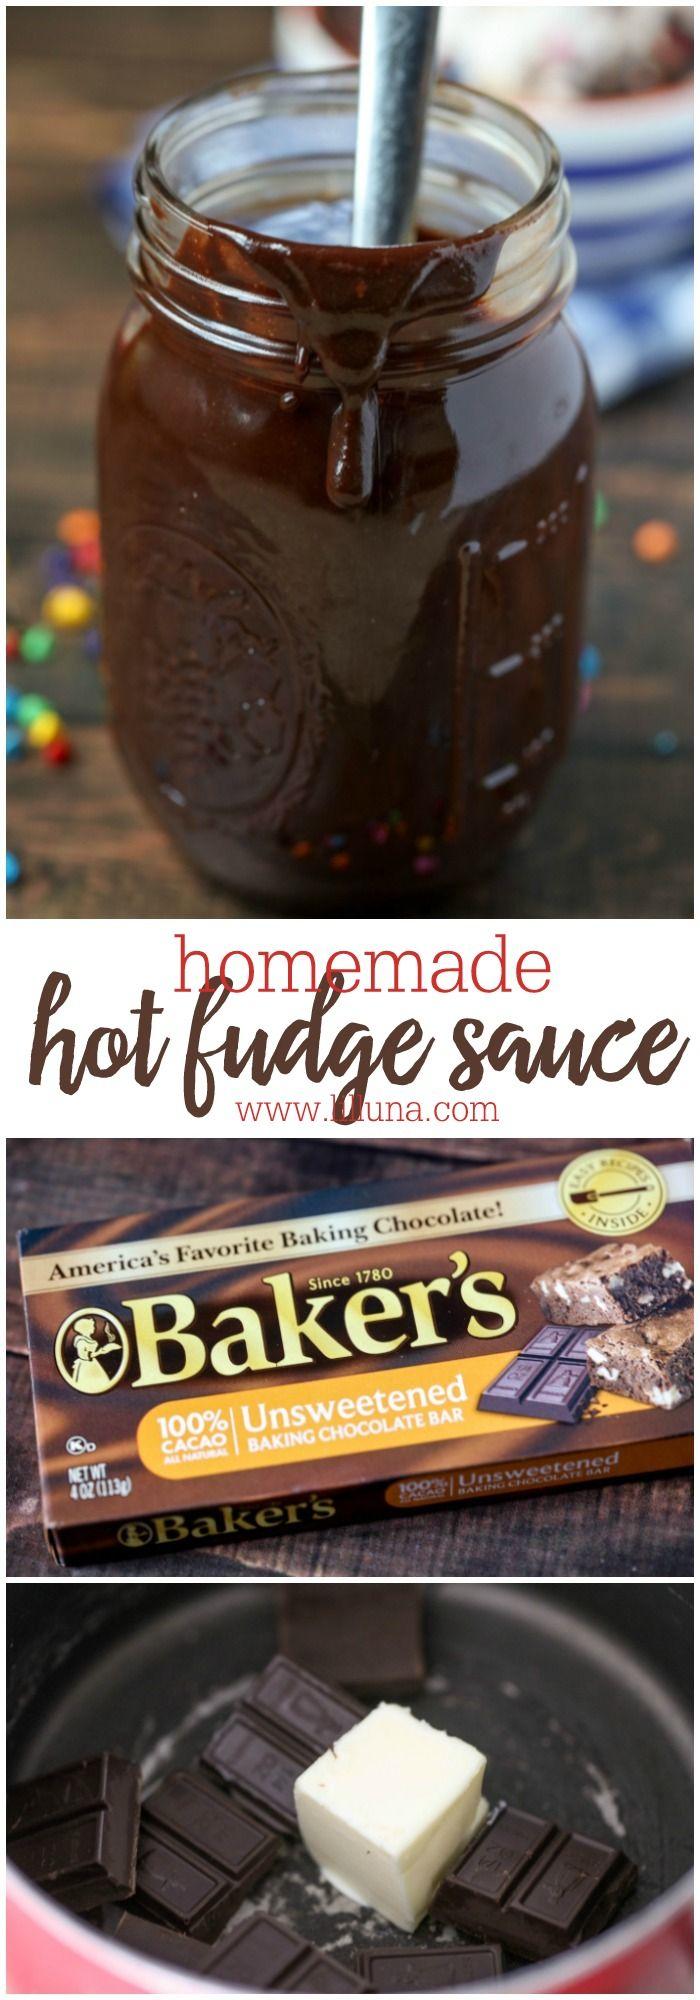 how to make hot fudge sauce